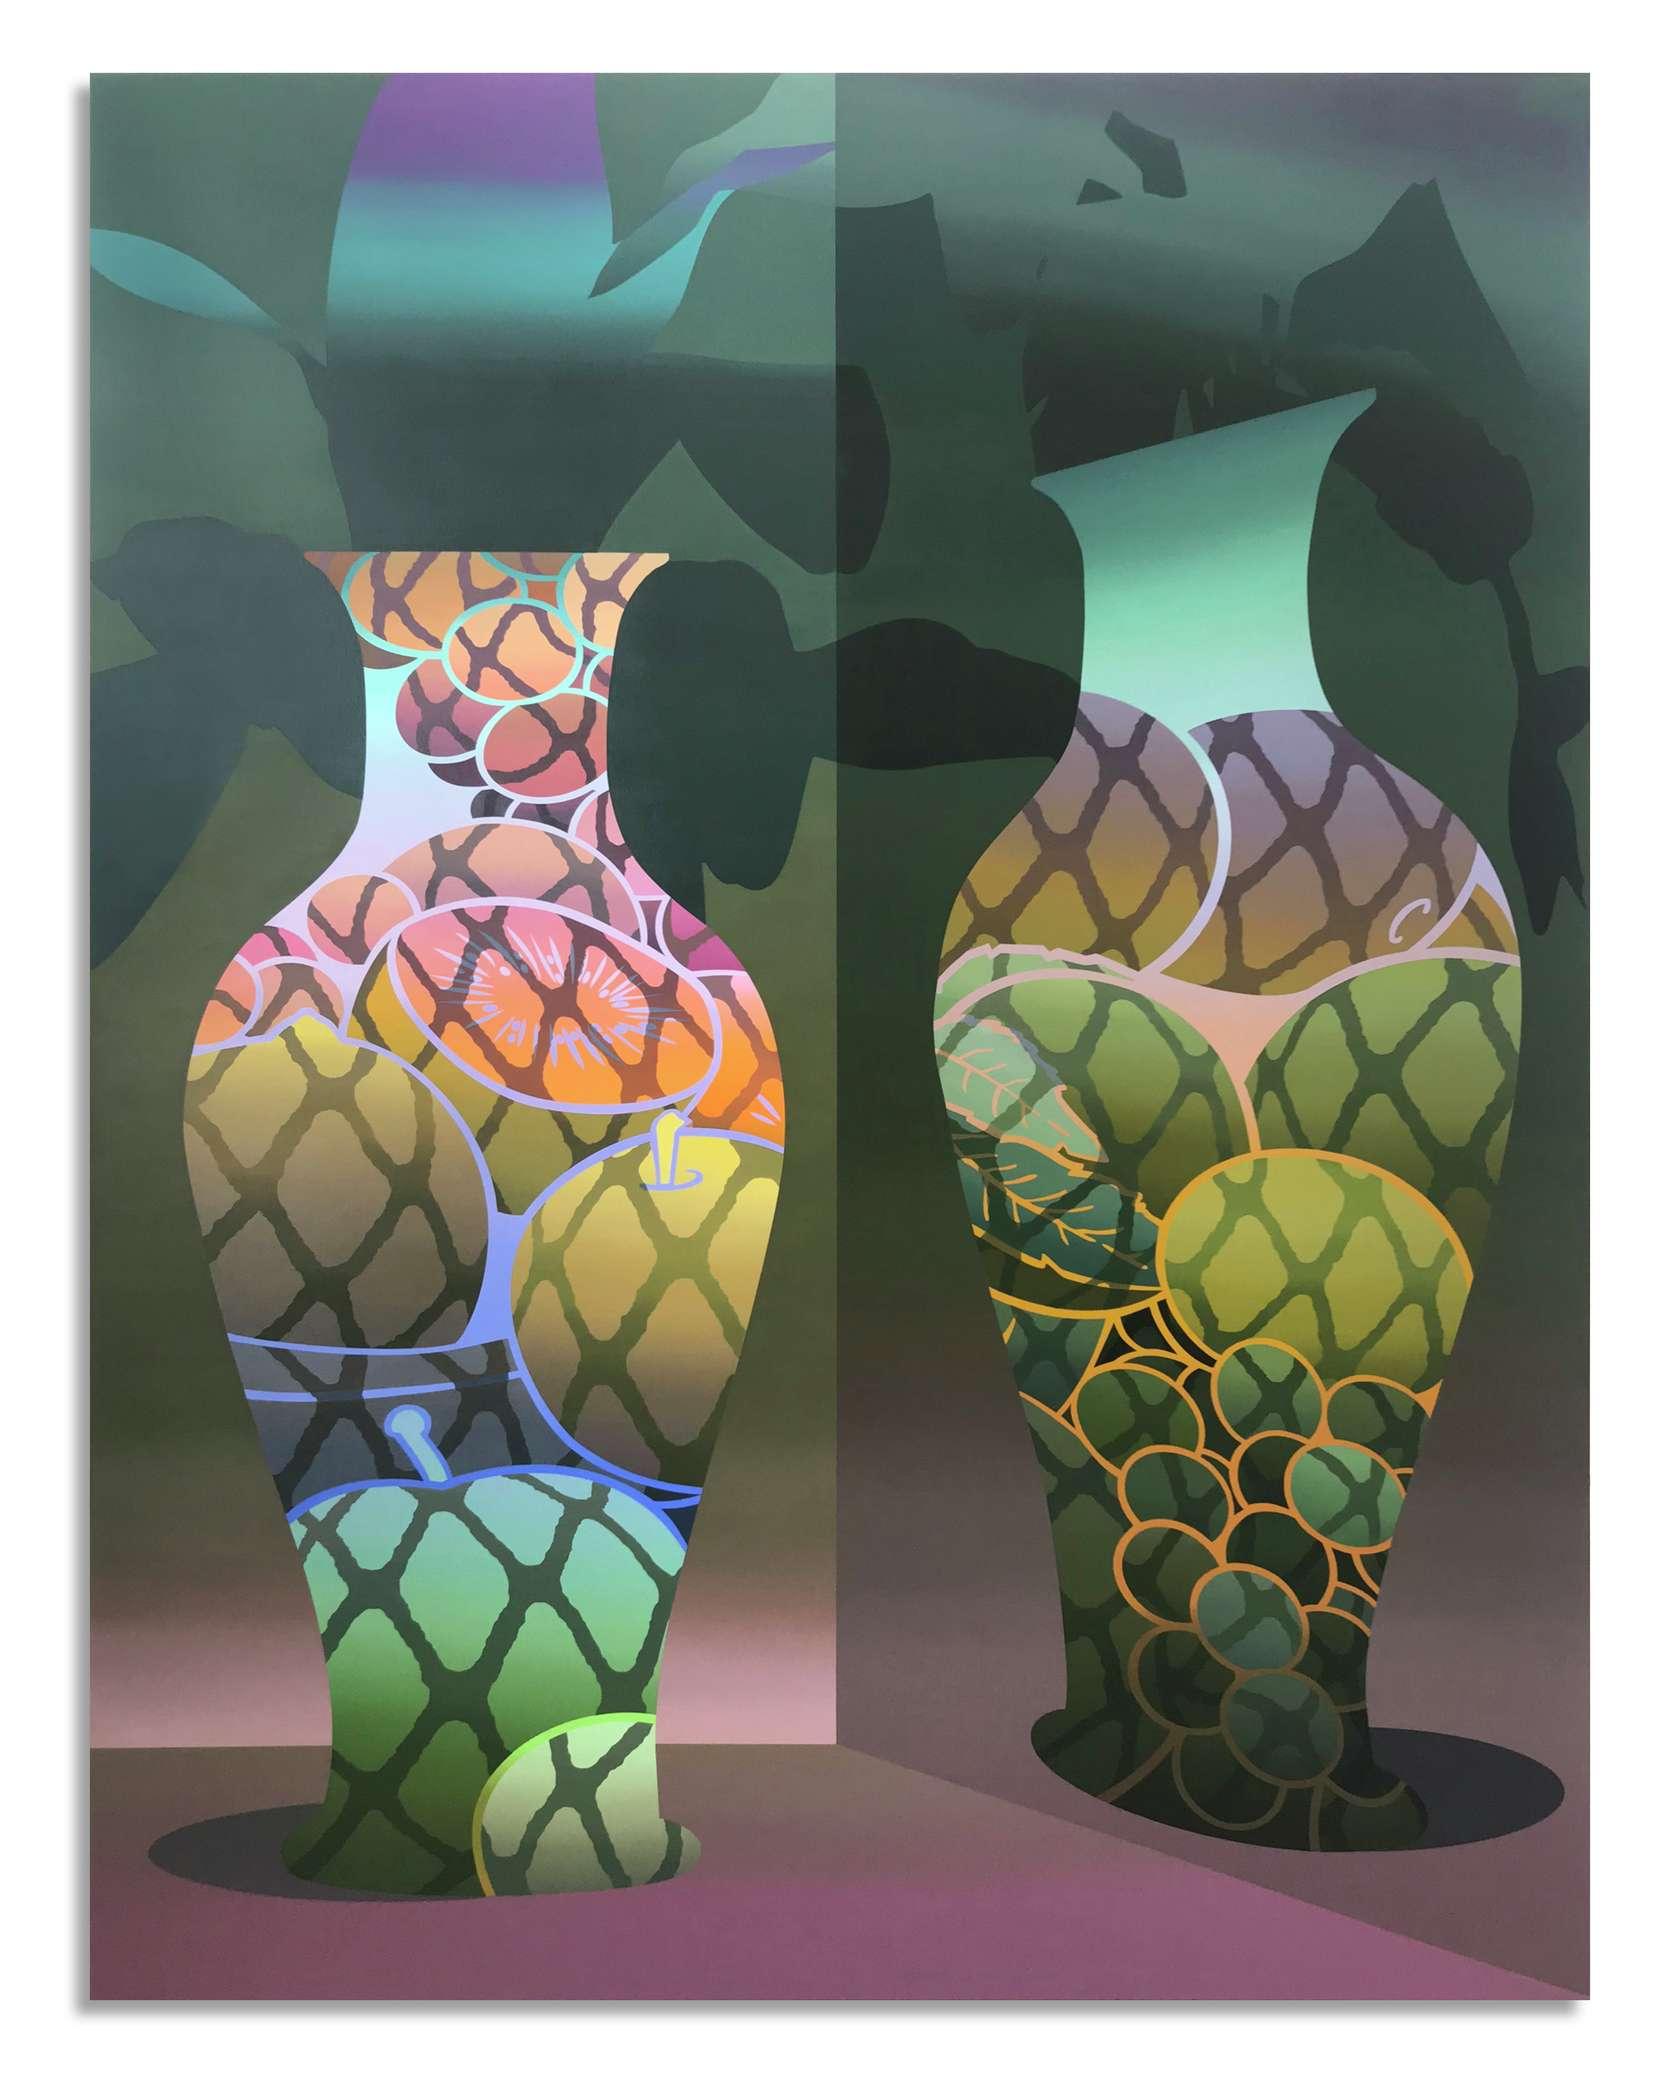 Amélie Bertrand, Cocktail, 2019 Huile sur toile180 x 140 cm / 70 7/8 x 55 1/8 inches